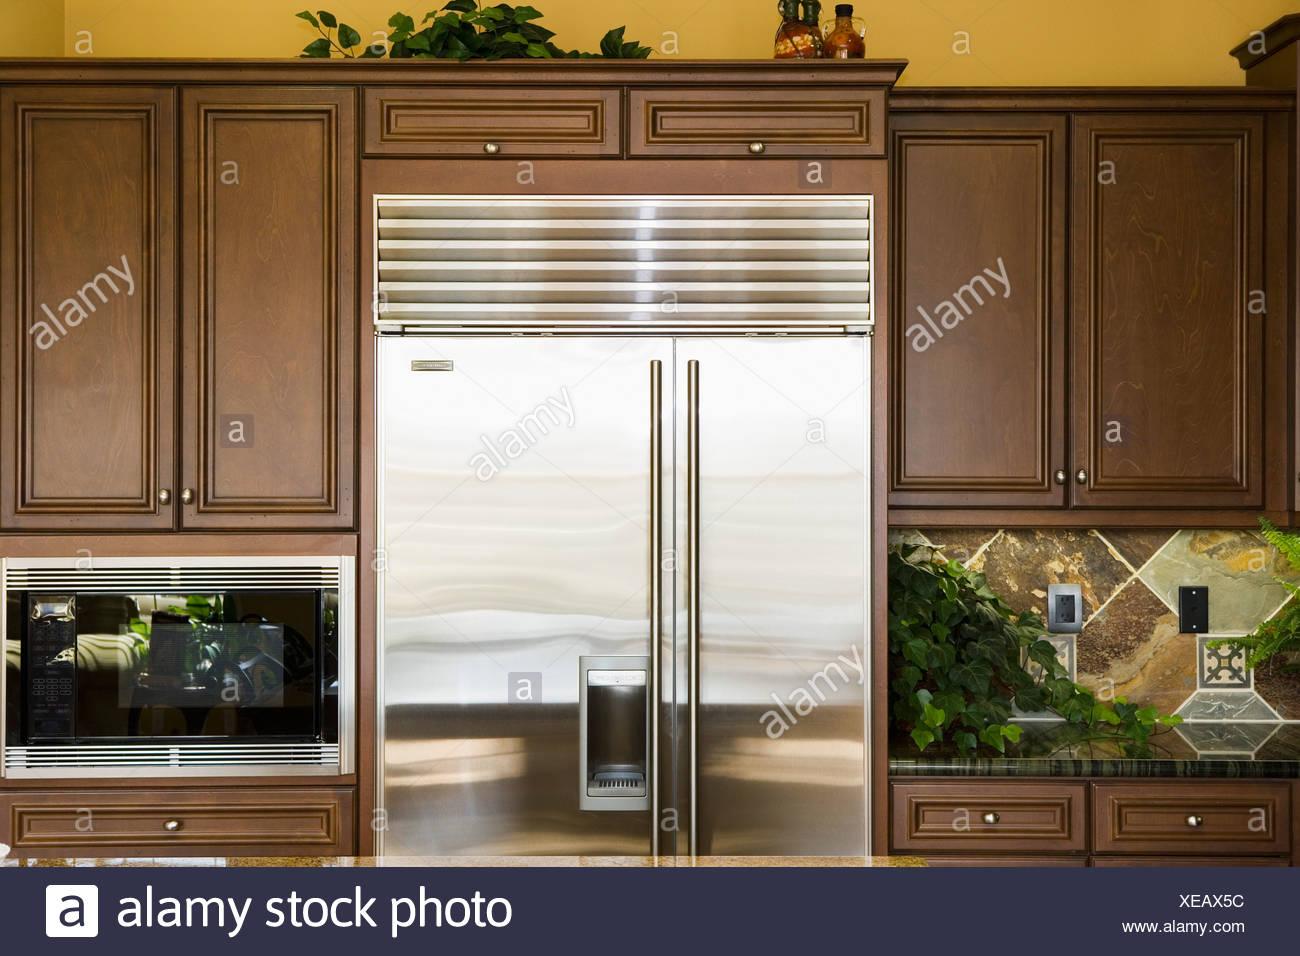 Aeg Kühlschrank Rkb64024dx : Edelstahl kühlschrank edelstahl kühlschrank in der küche